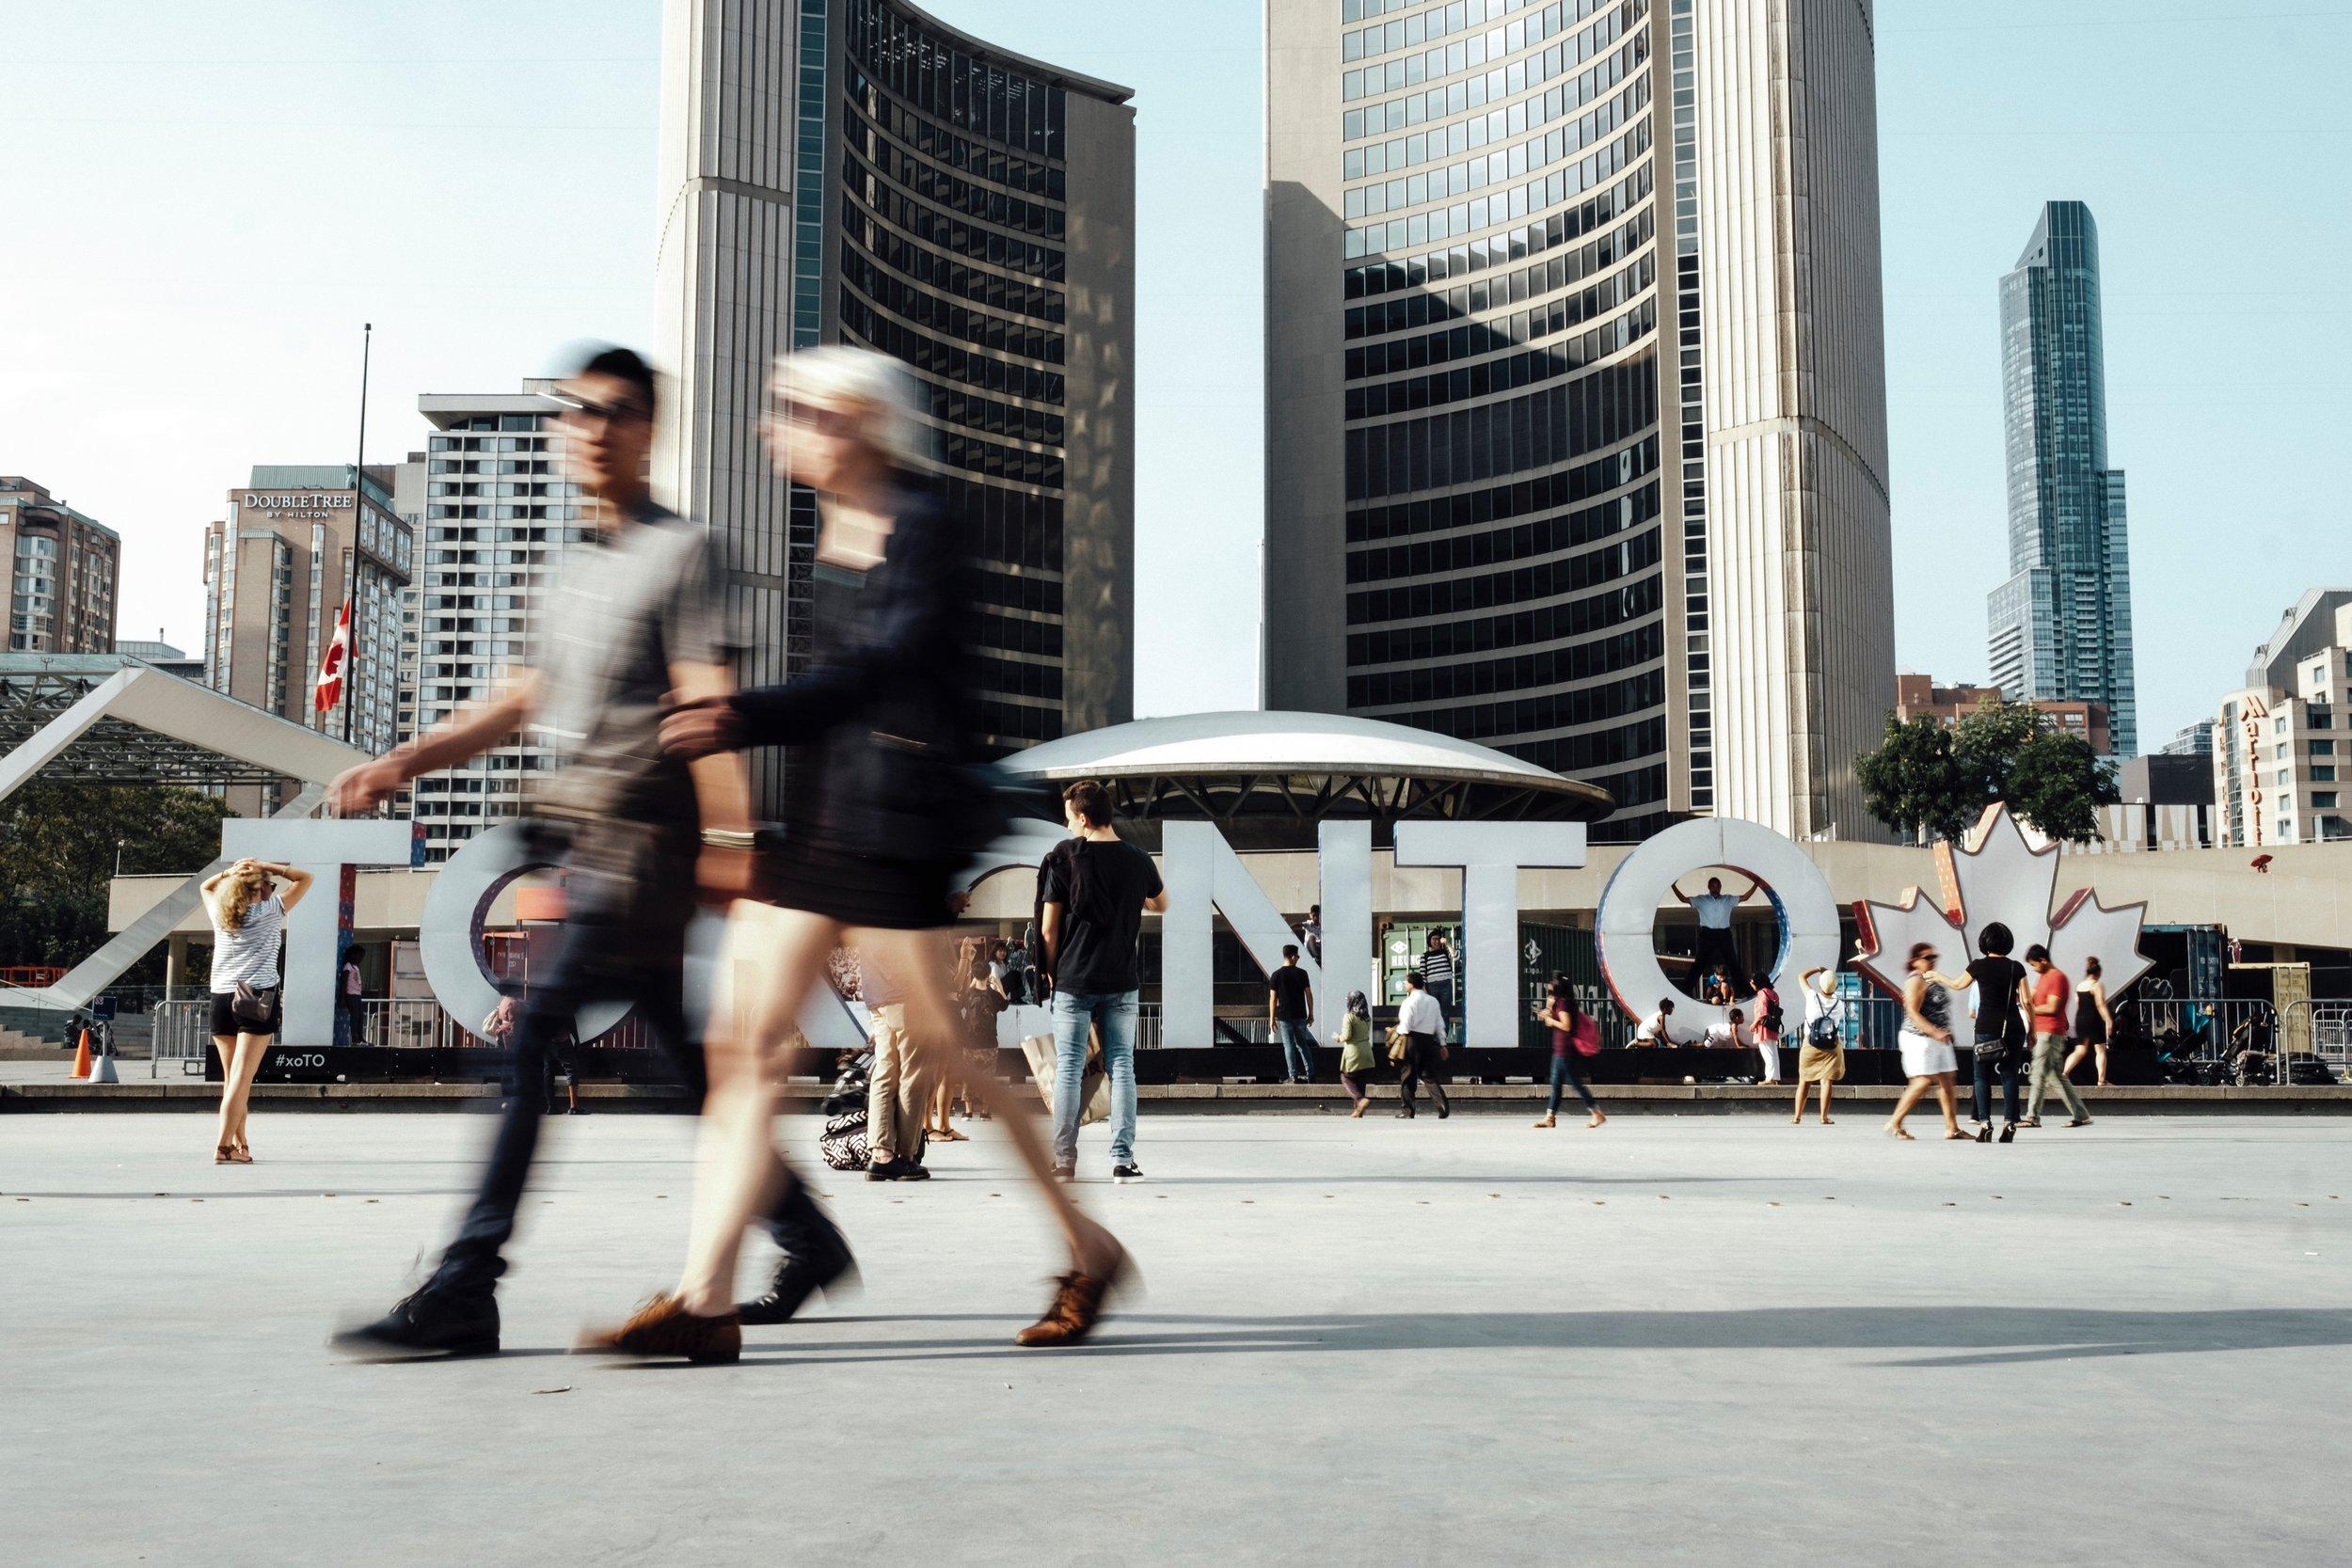 Toronto scenes